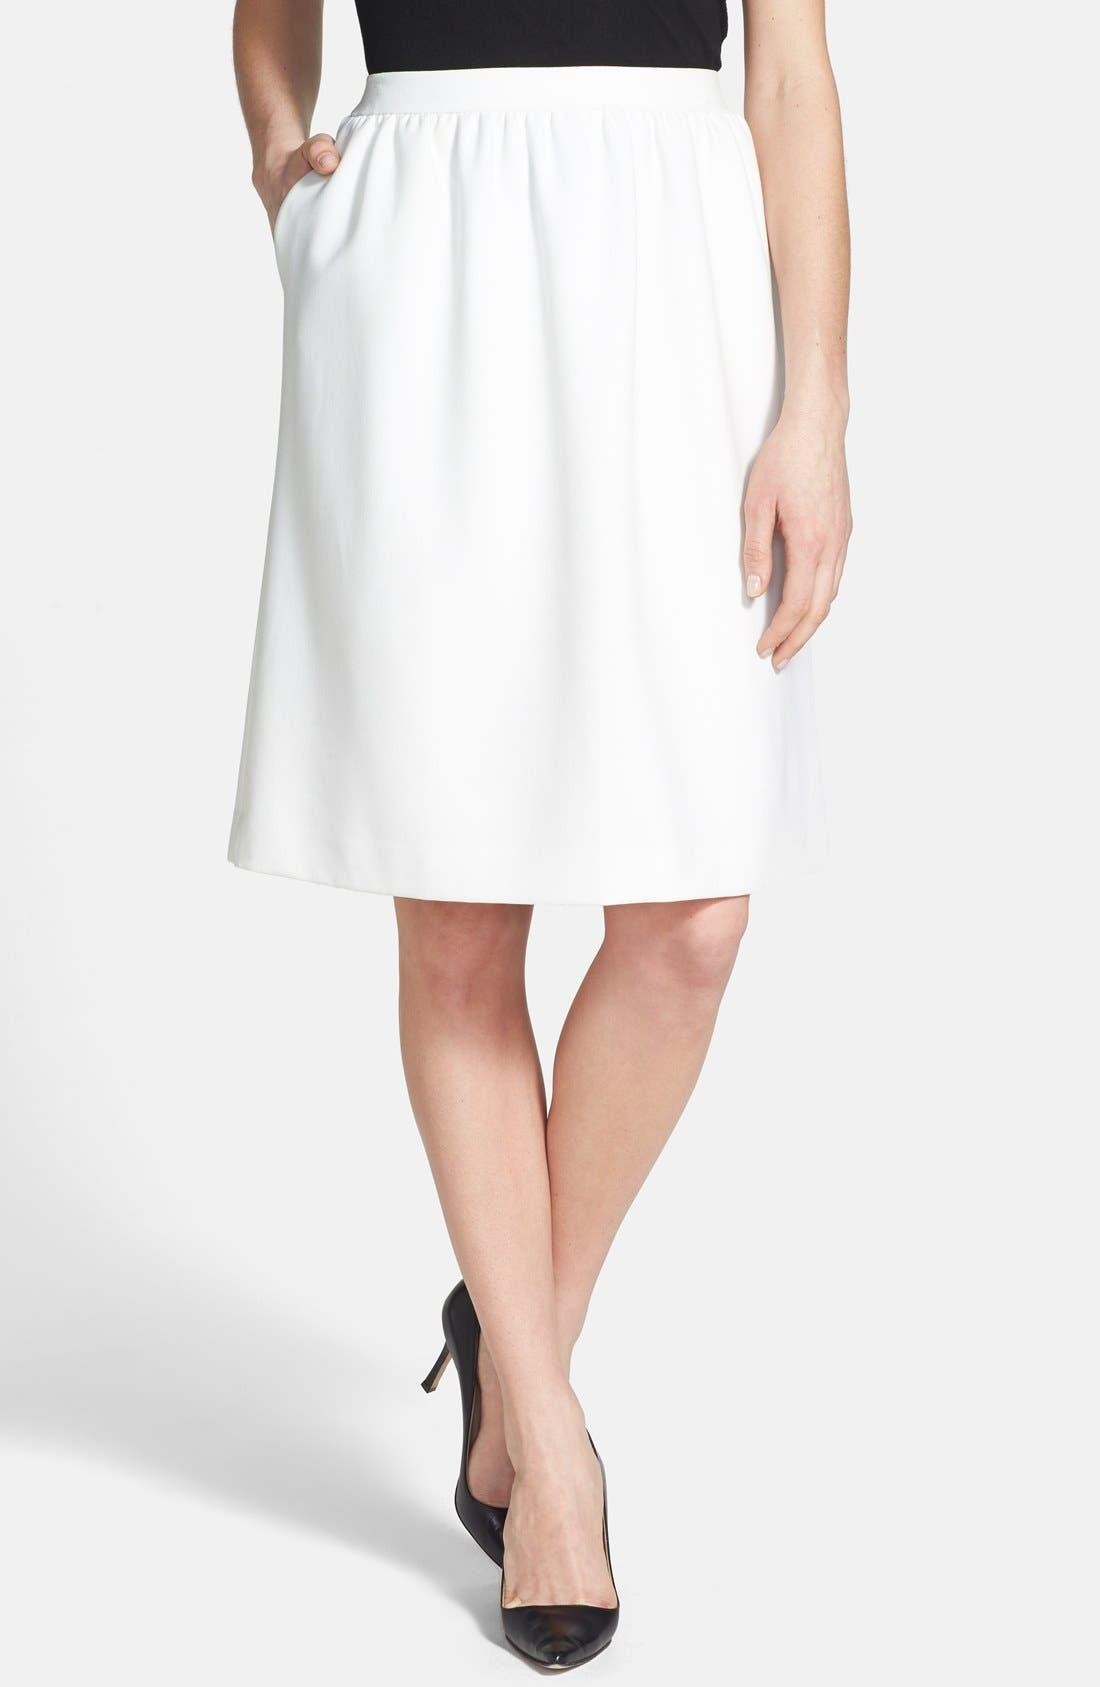 Alternate Image 1 Selected - Chelsea28 Shirred Woven Skirt